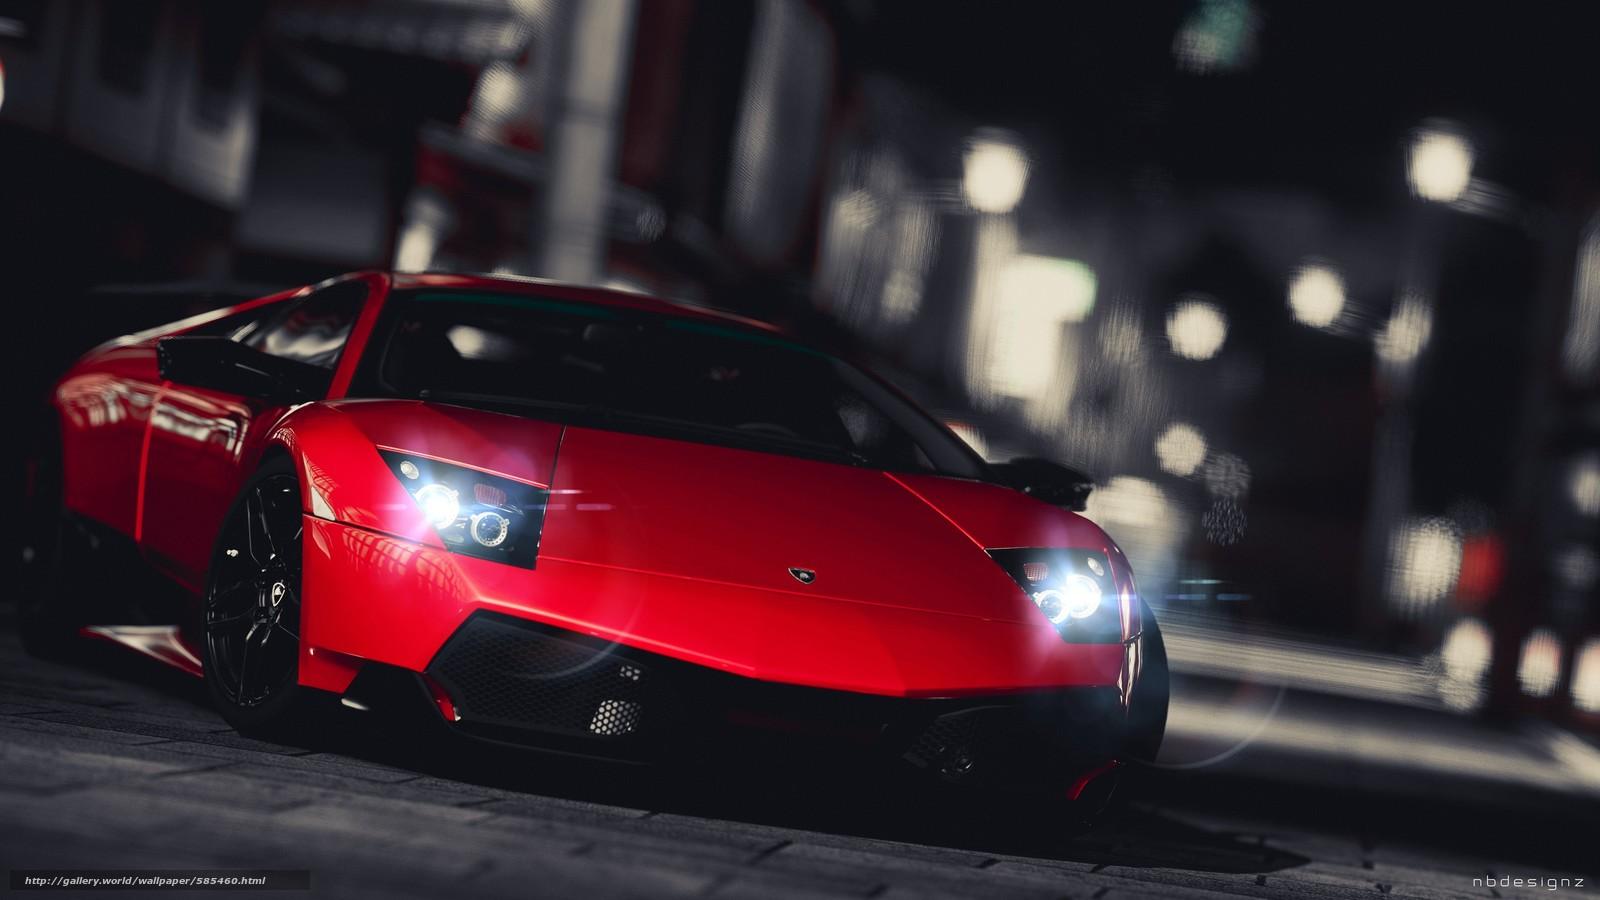 Скачать обои Lamborghini бесплатно для рабочего стола в разрешении 3840x2160 — картинка №585460